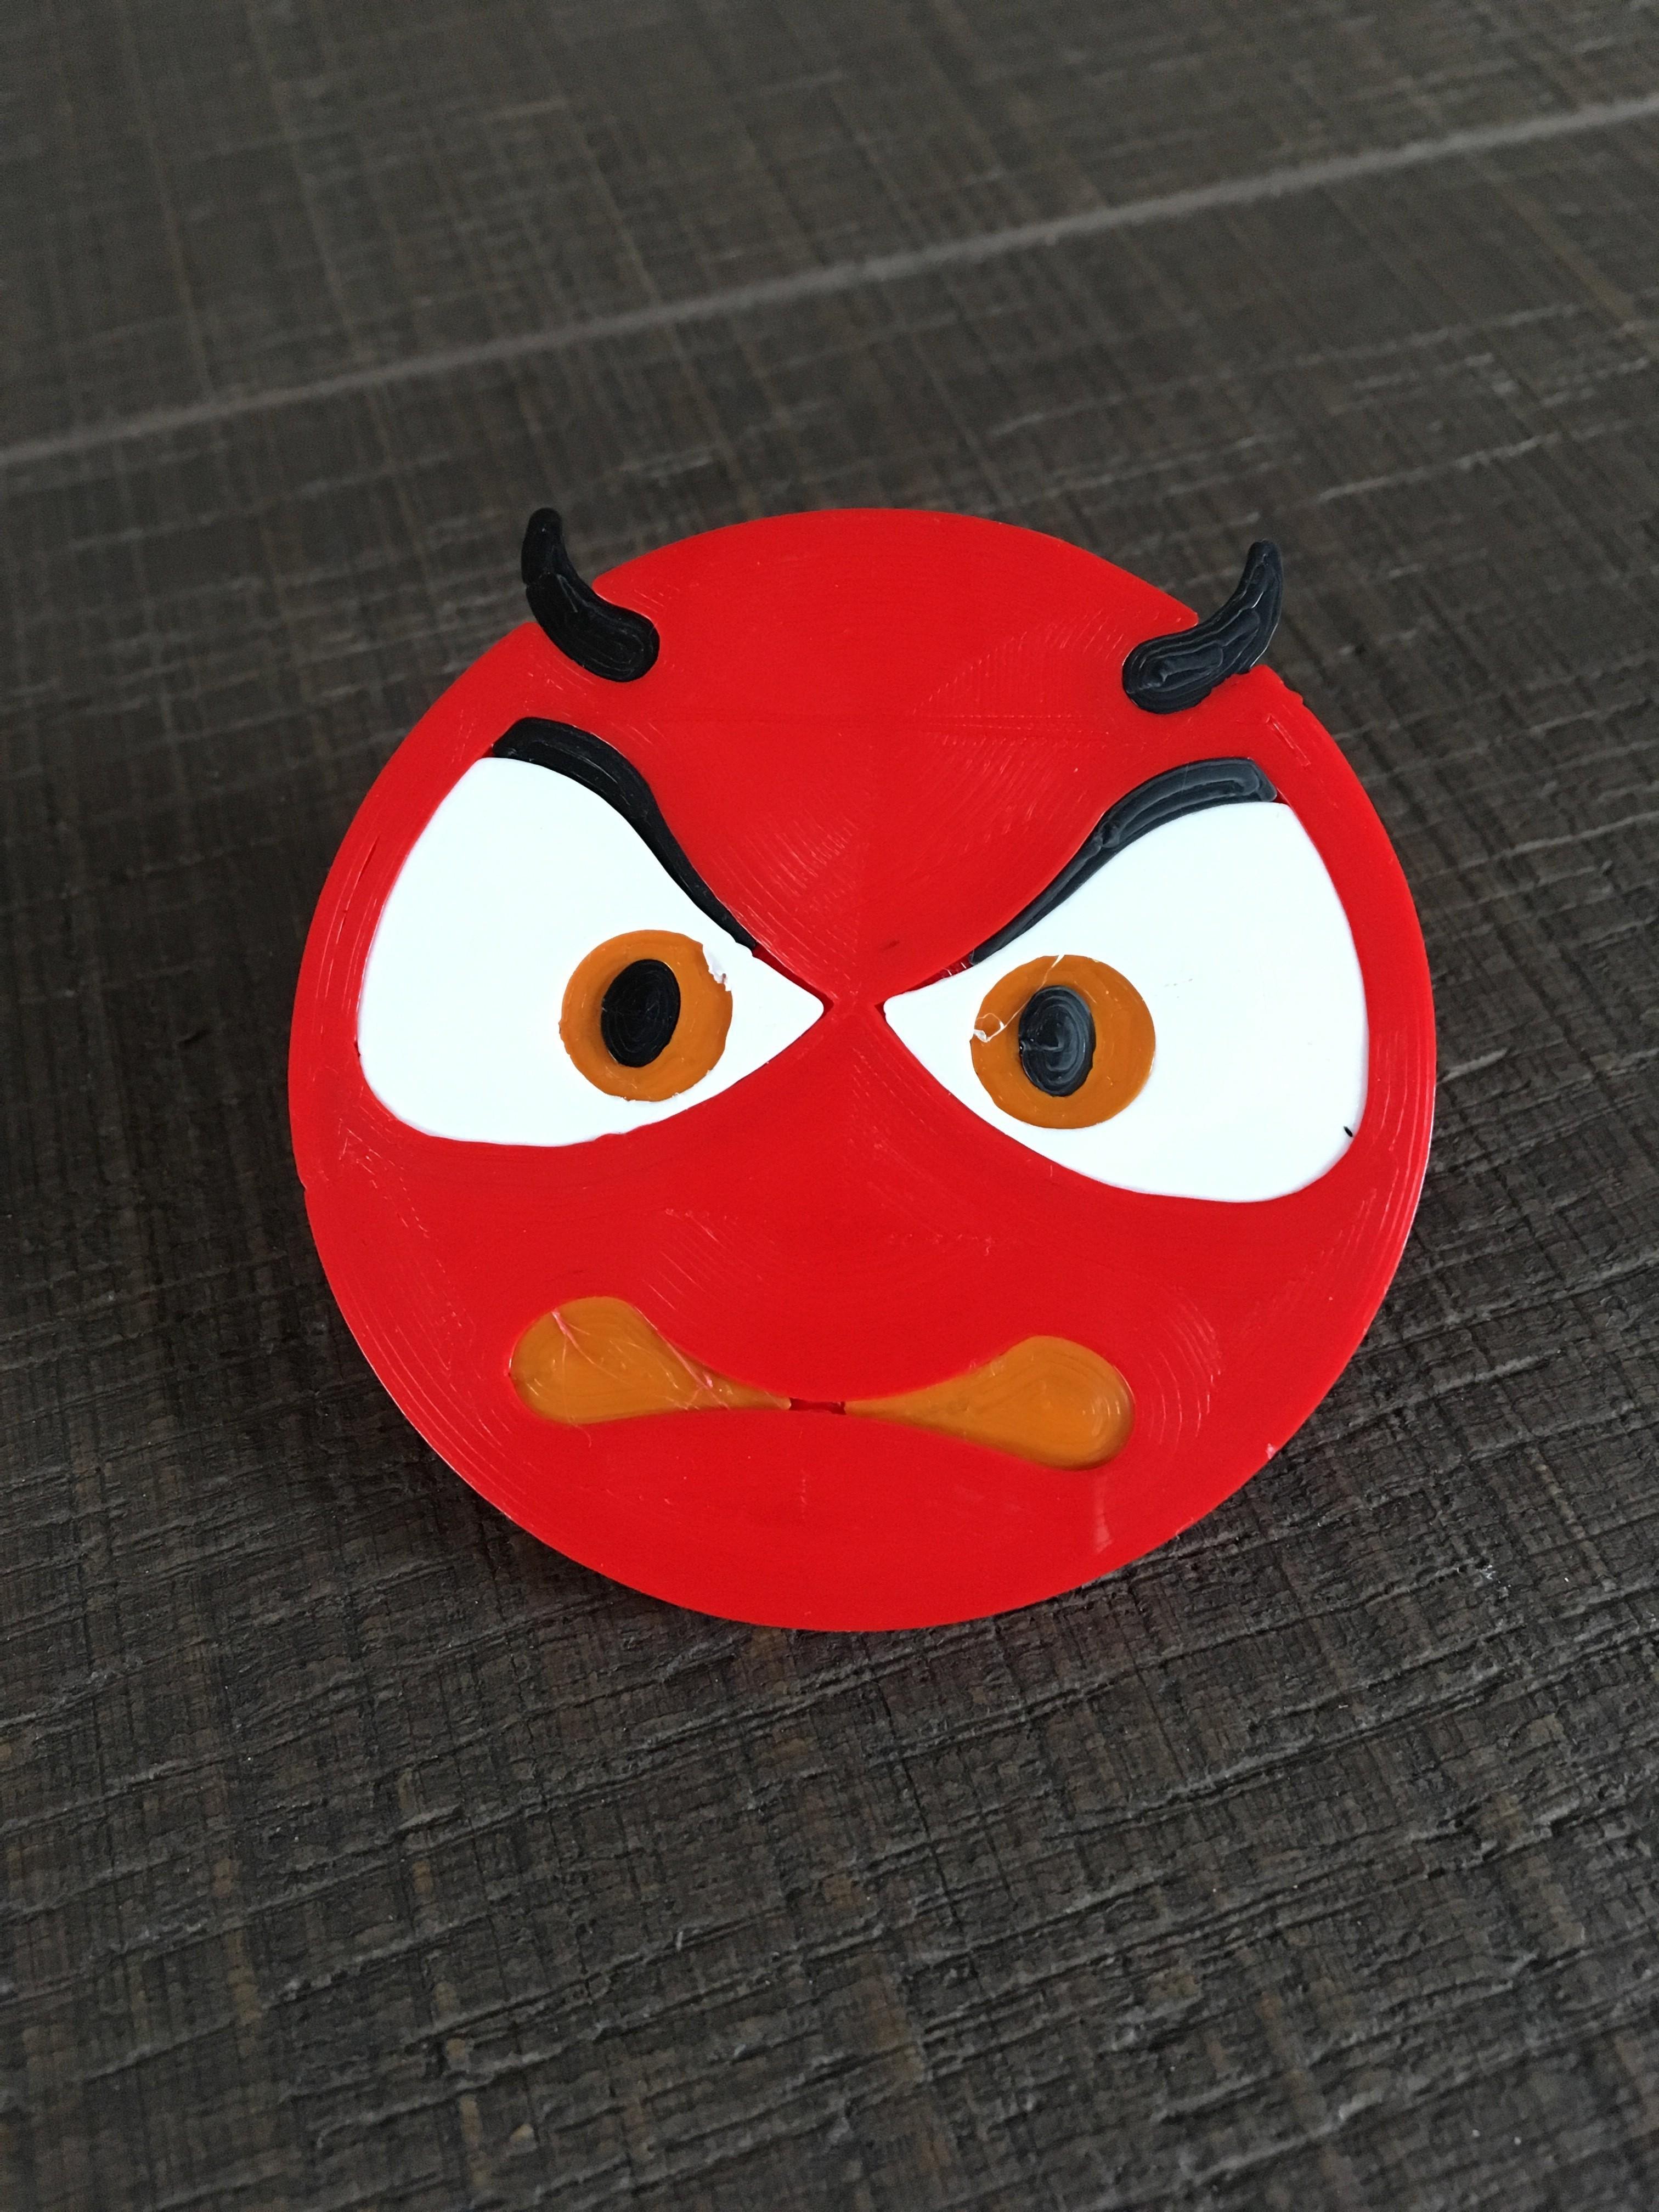 devil 2 by ctrl design.jpg Download STL file devil emoji cam cover • 3D printable design, Byctrldesign